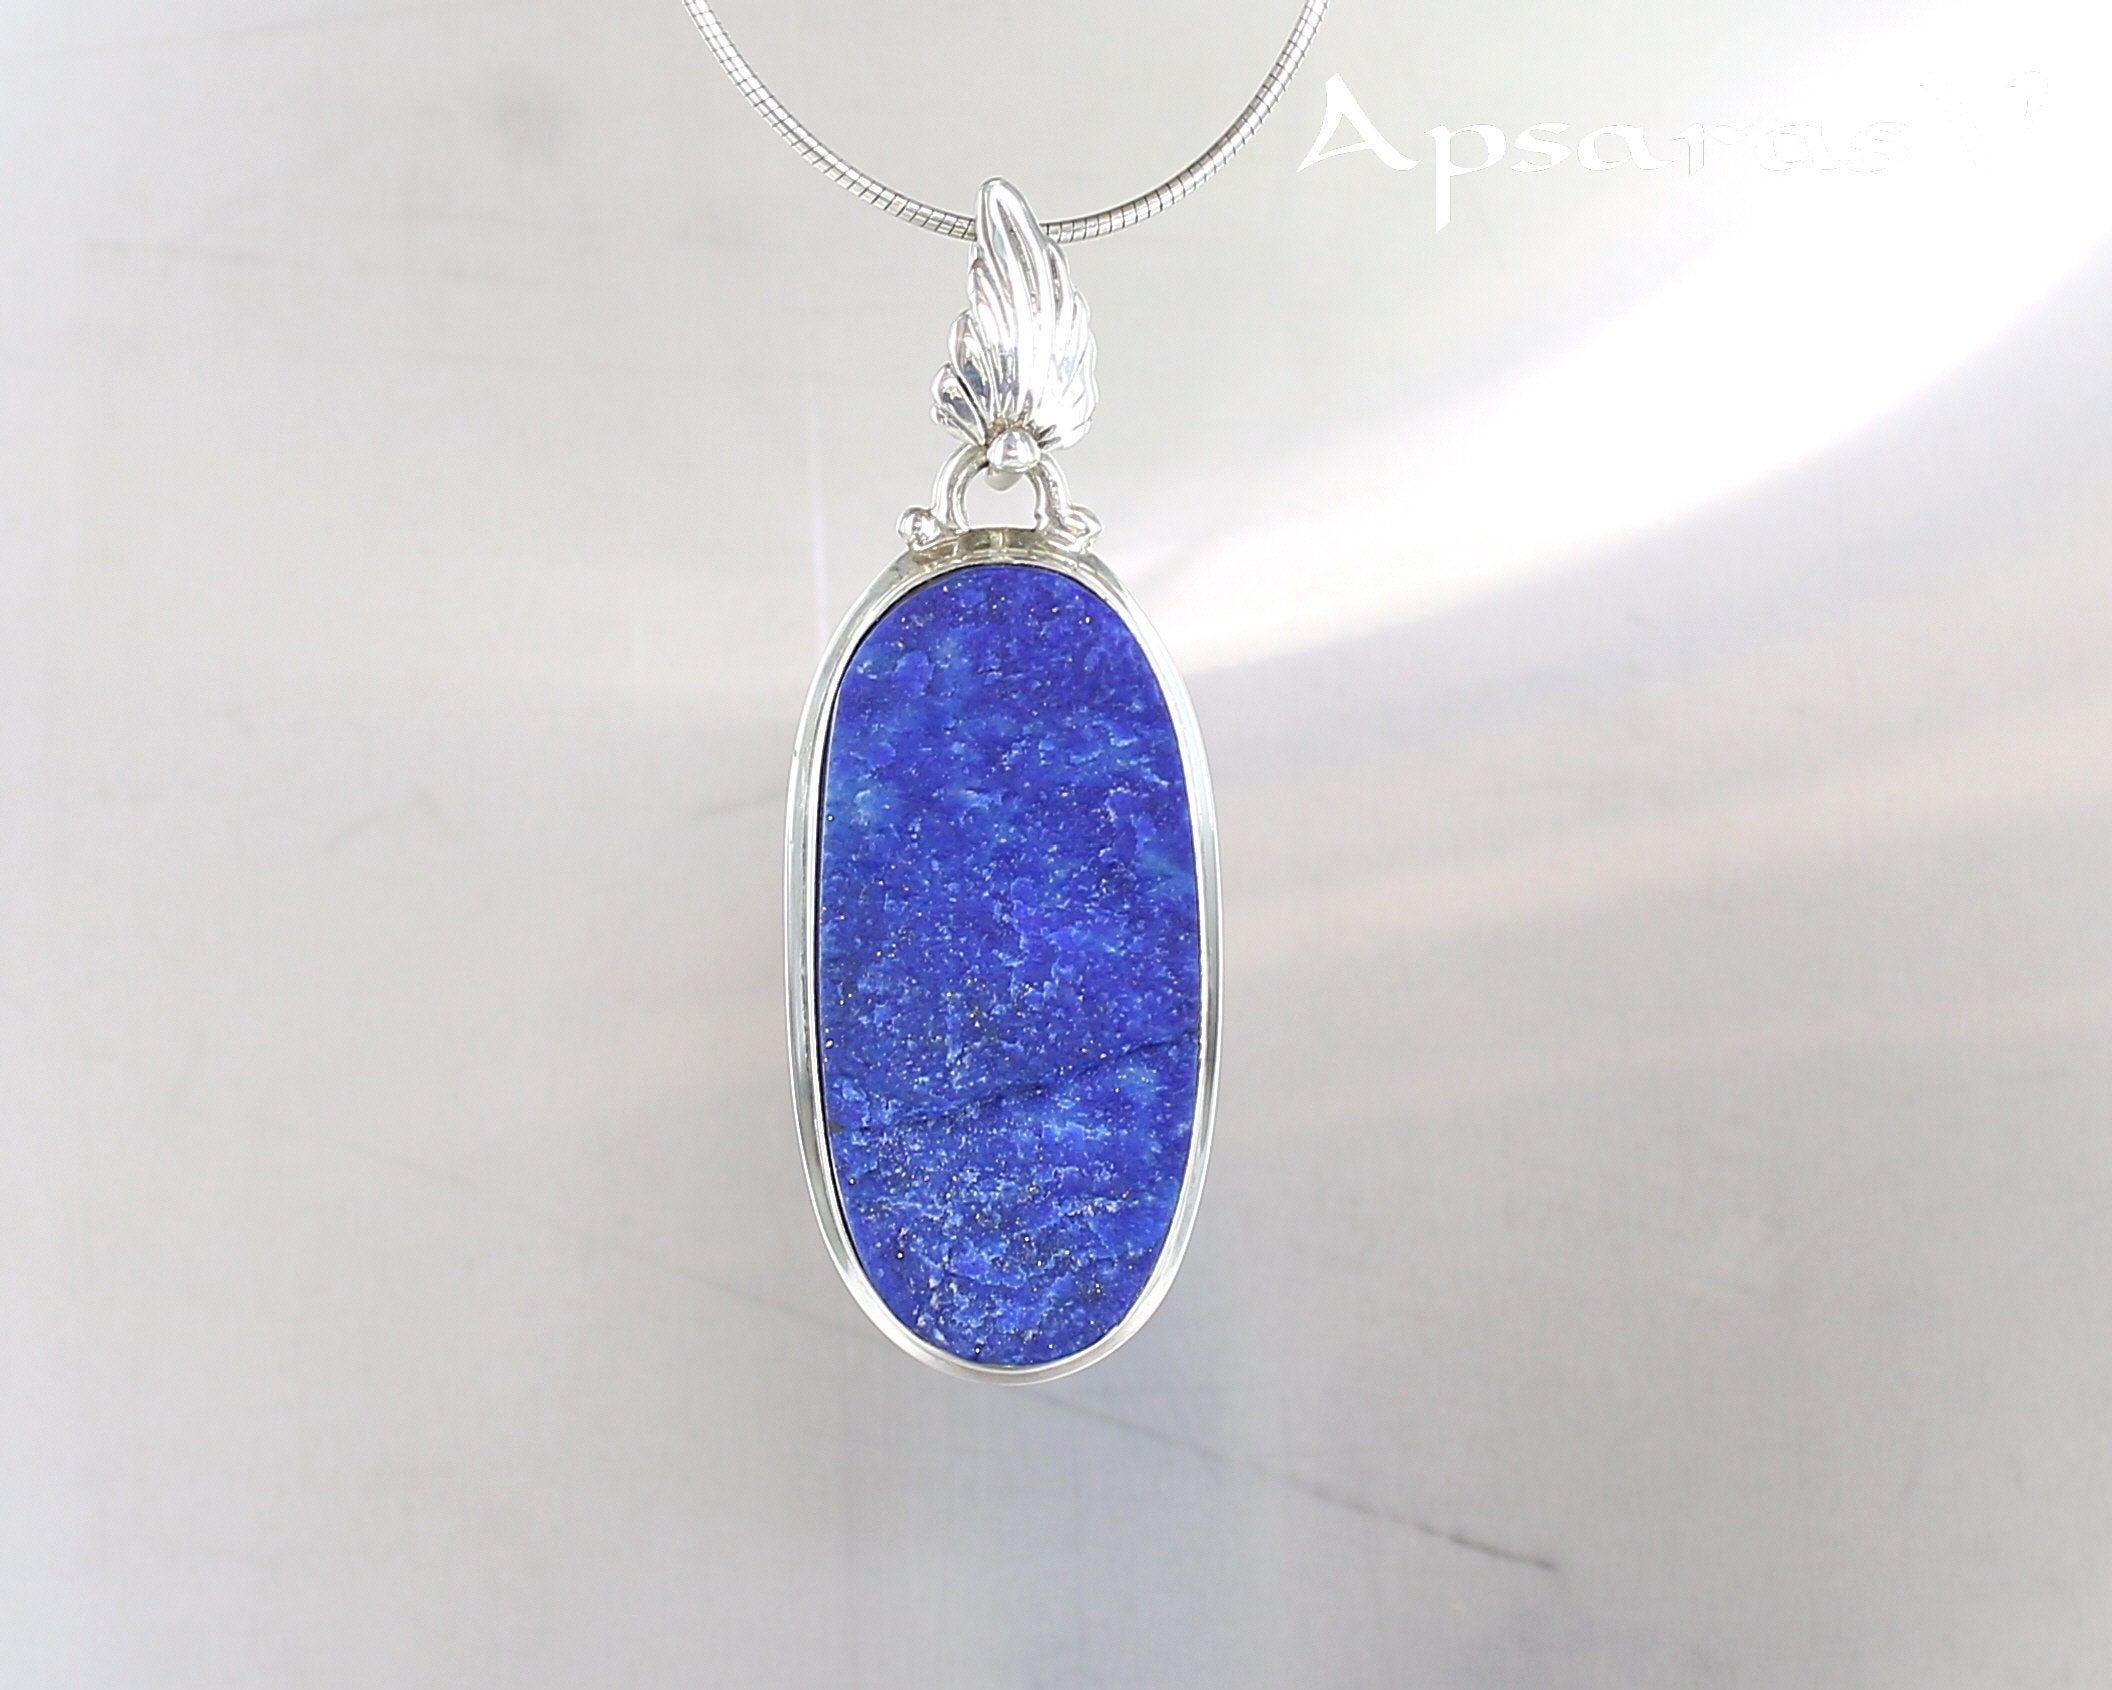 Argent Sterling 925 Ovale Bleu créé Pierre Collier Pendentif Charme